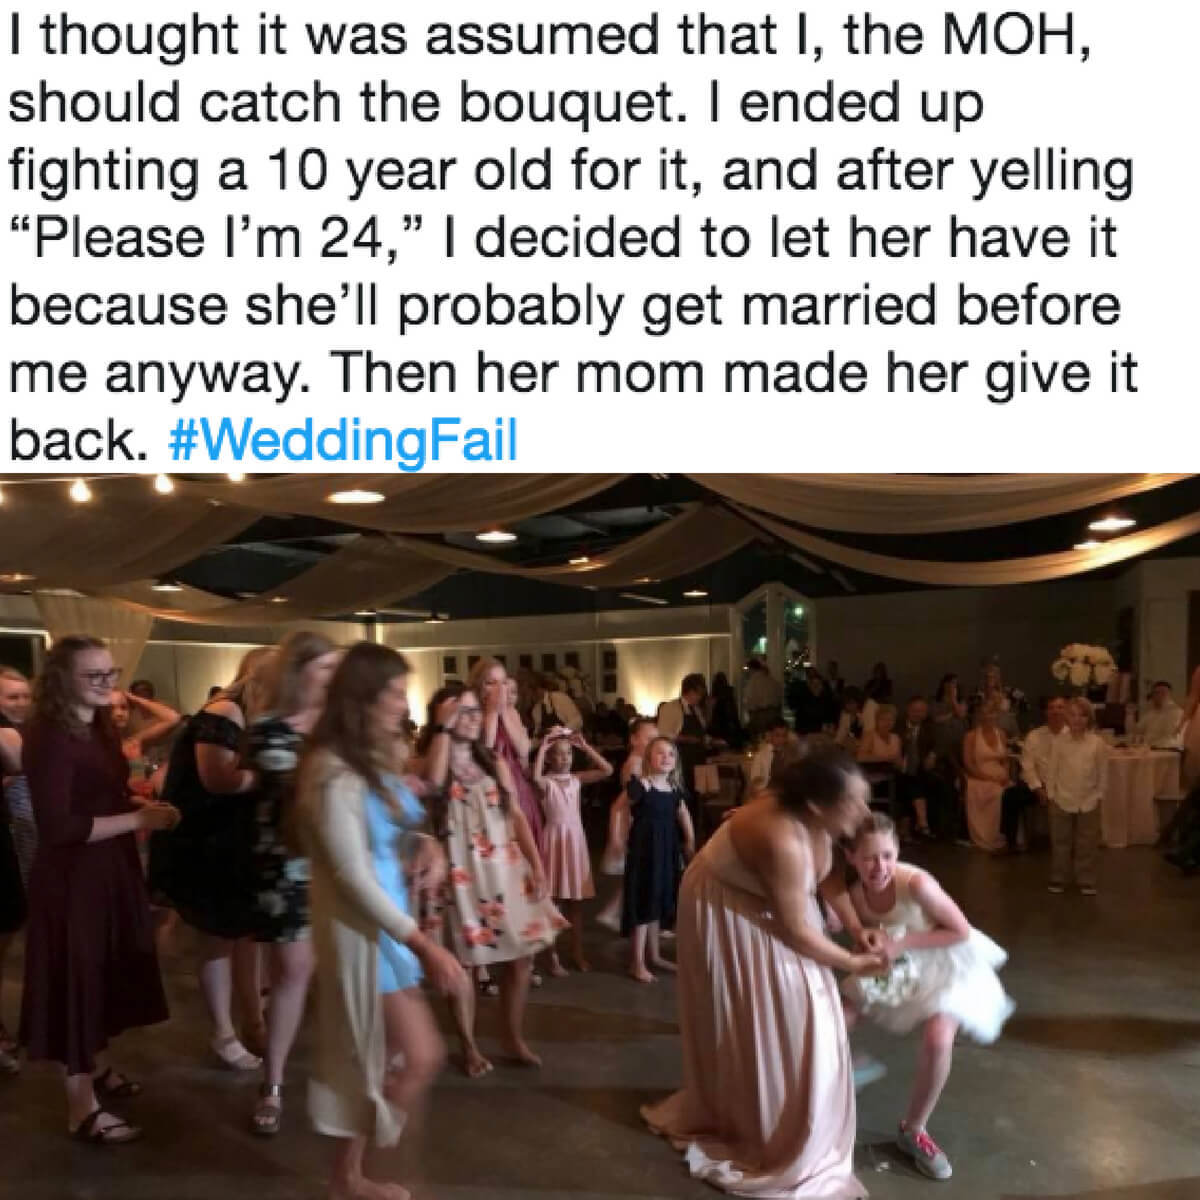 MOH-bouquet-fail-91133-33659